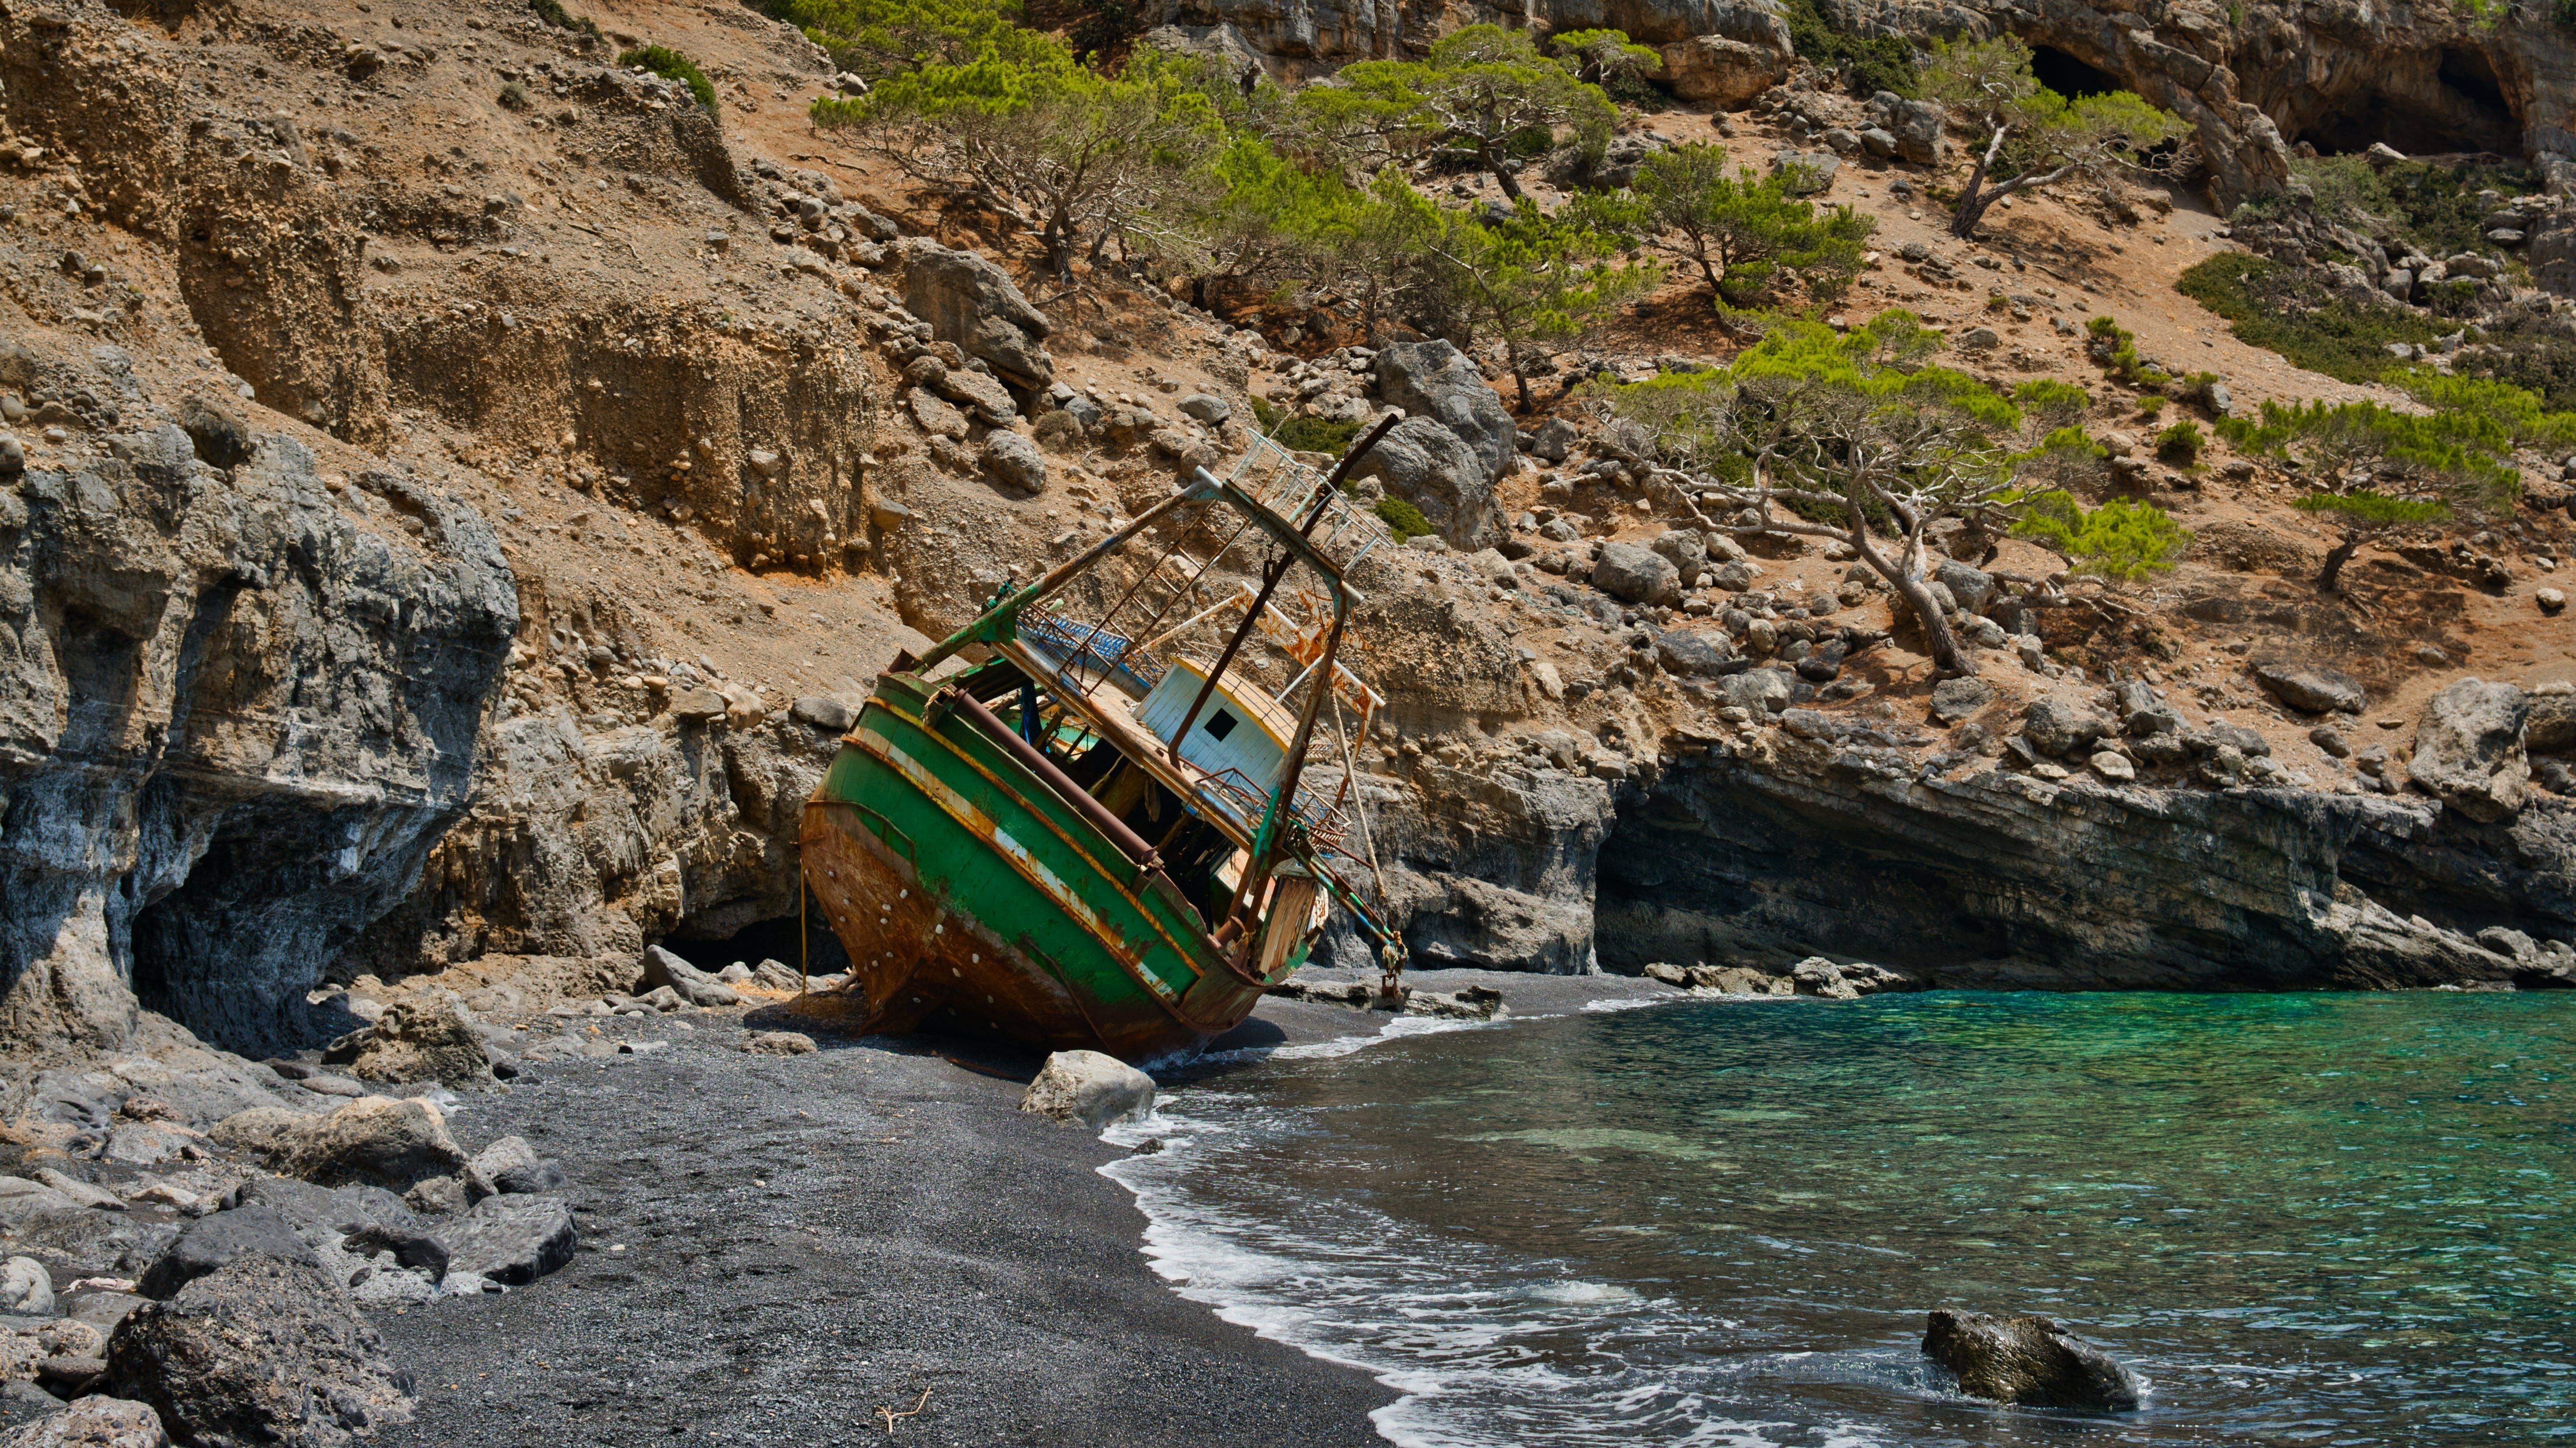 Wreck Fishing Boat at the Seashore